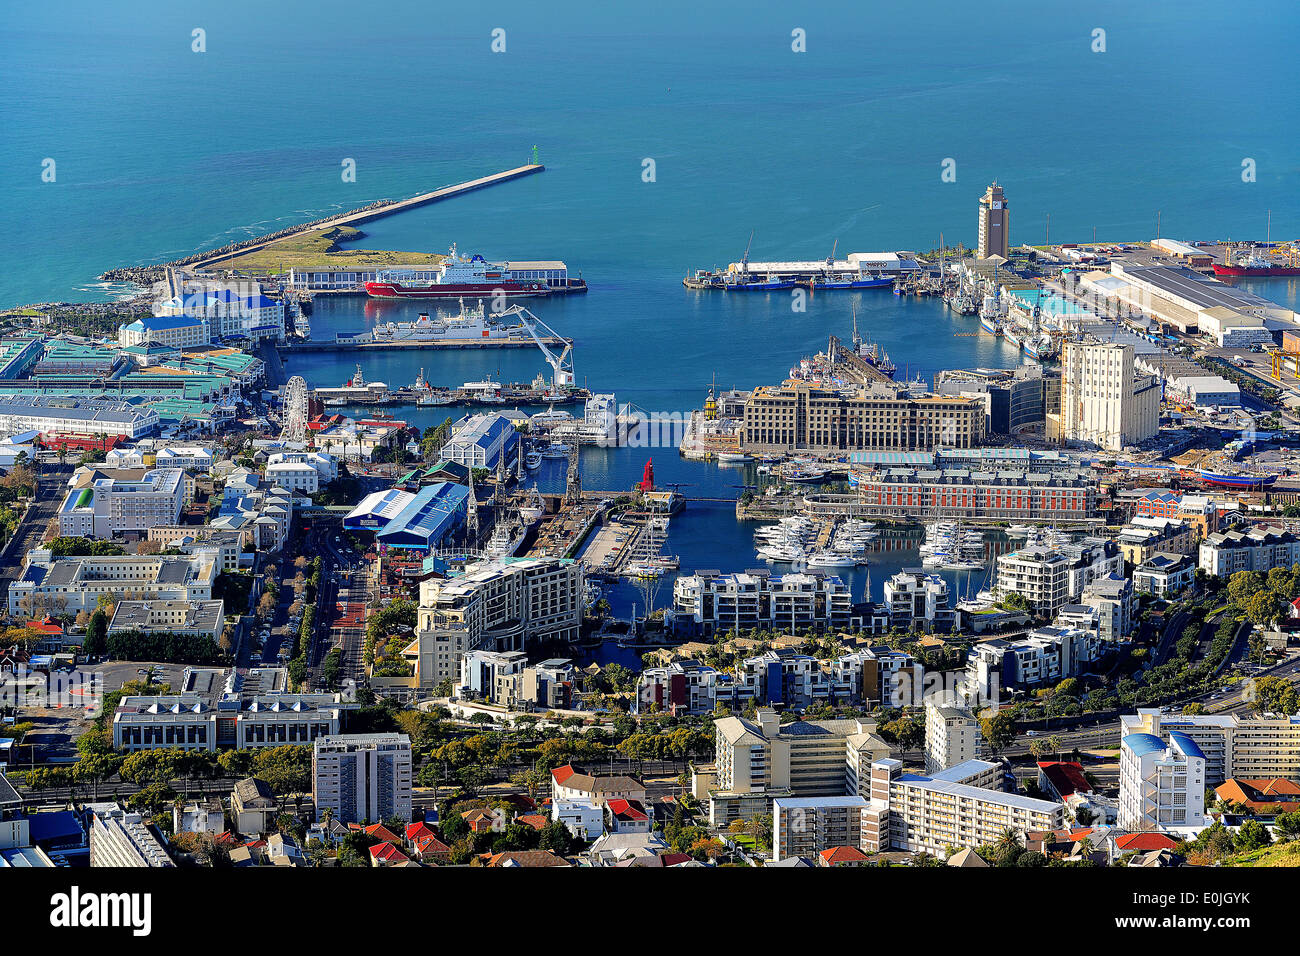 Victoria und Alfred Waterfront, touristisches Zentrum von Kapstadt, gesehen vom Signal Hill, Kapstadt, West Kap, Western Cape, S - Stock Image